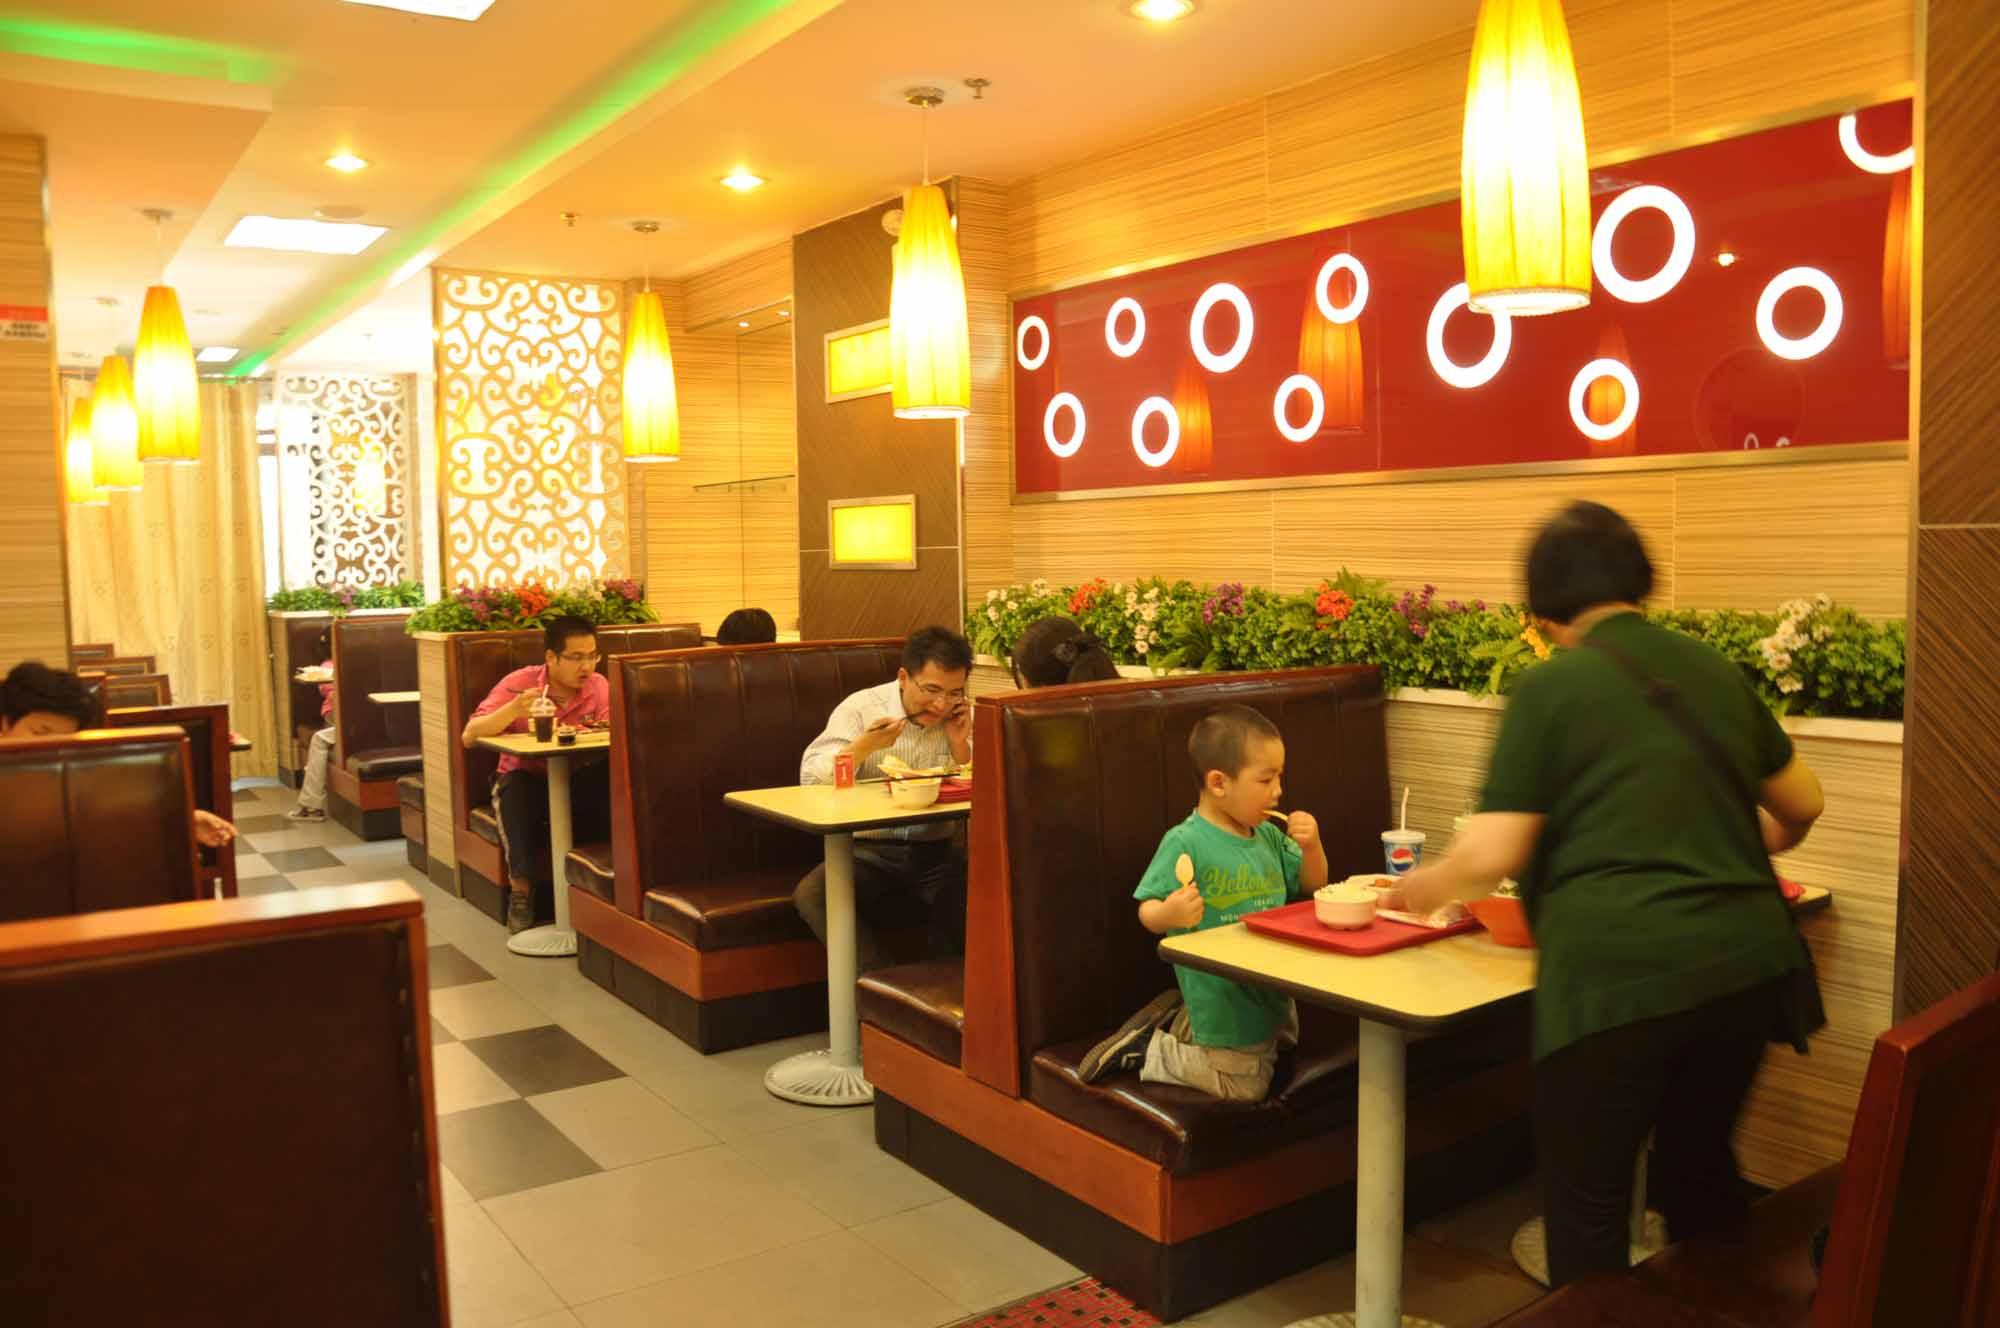 愉筷产品分为十大系列共百多款菜品:中式套餐类,西式套餐类,特色香图片